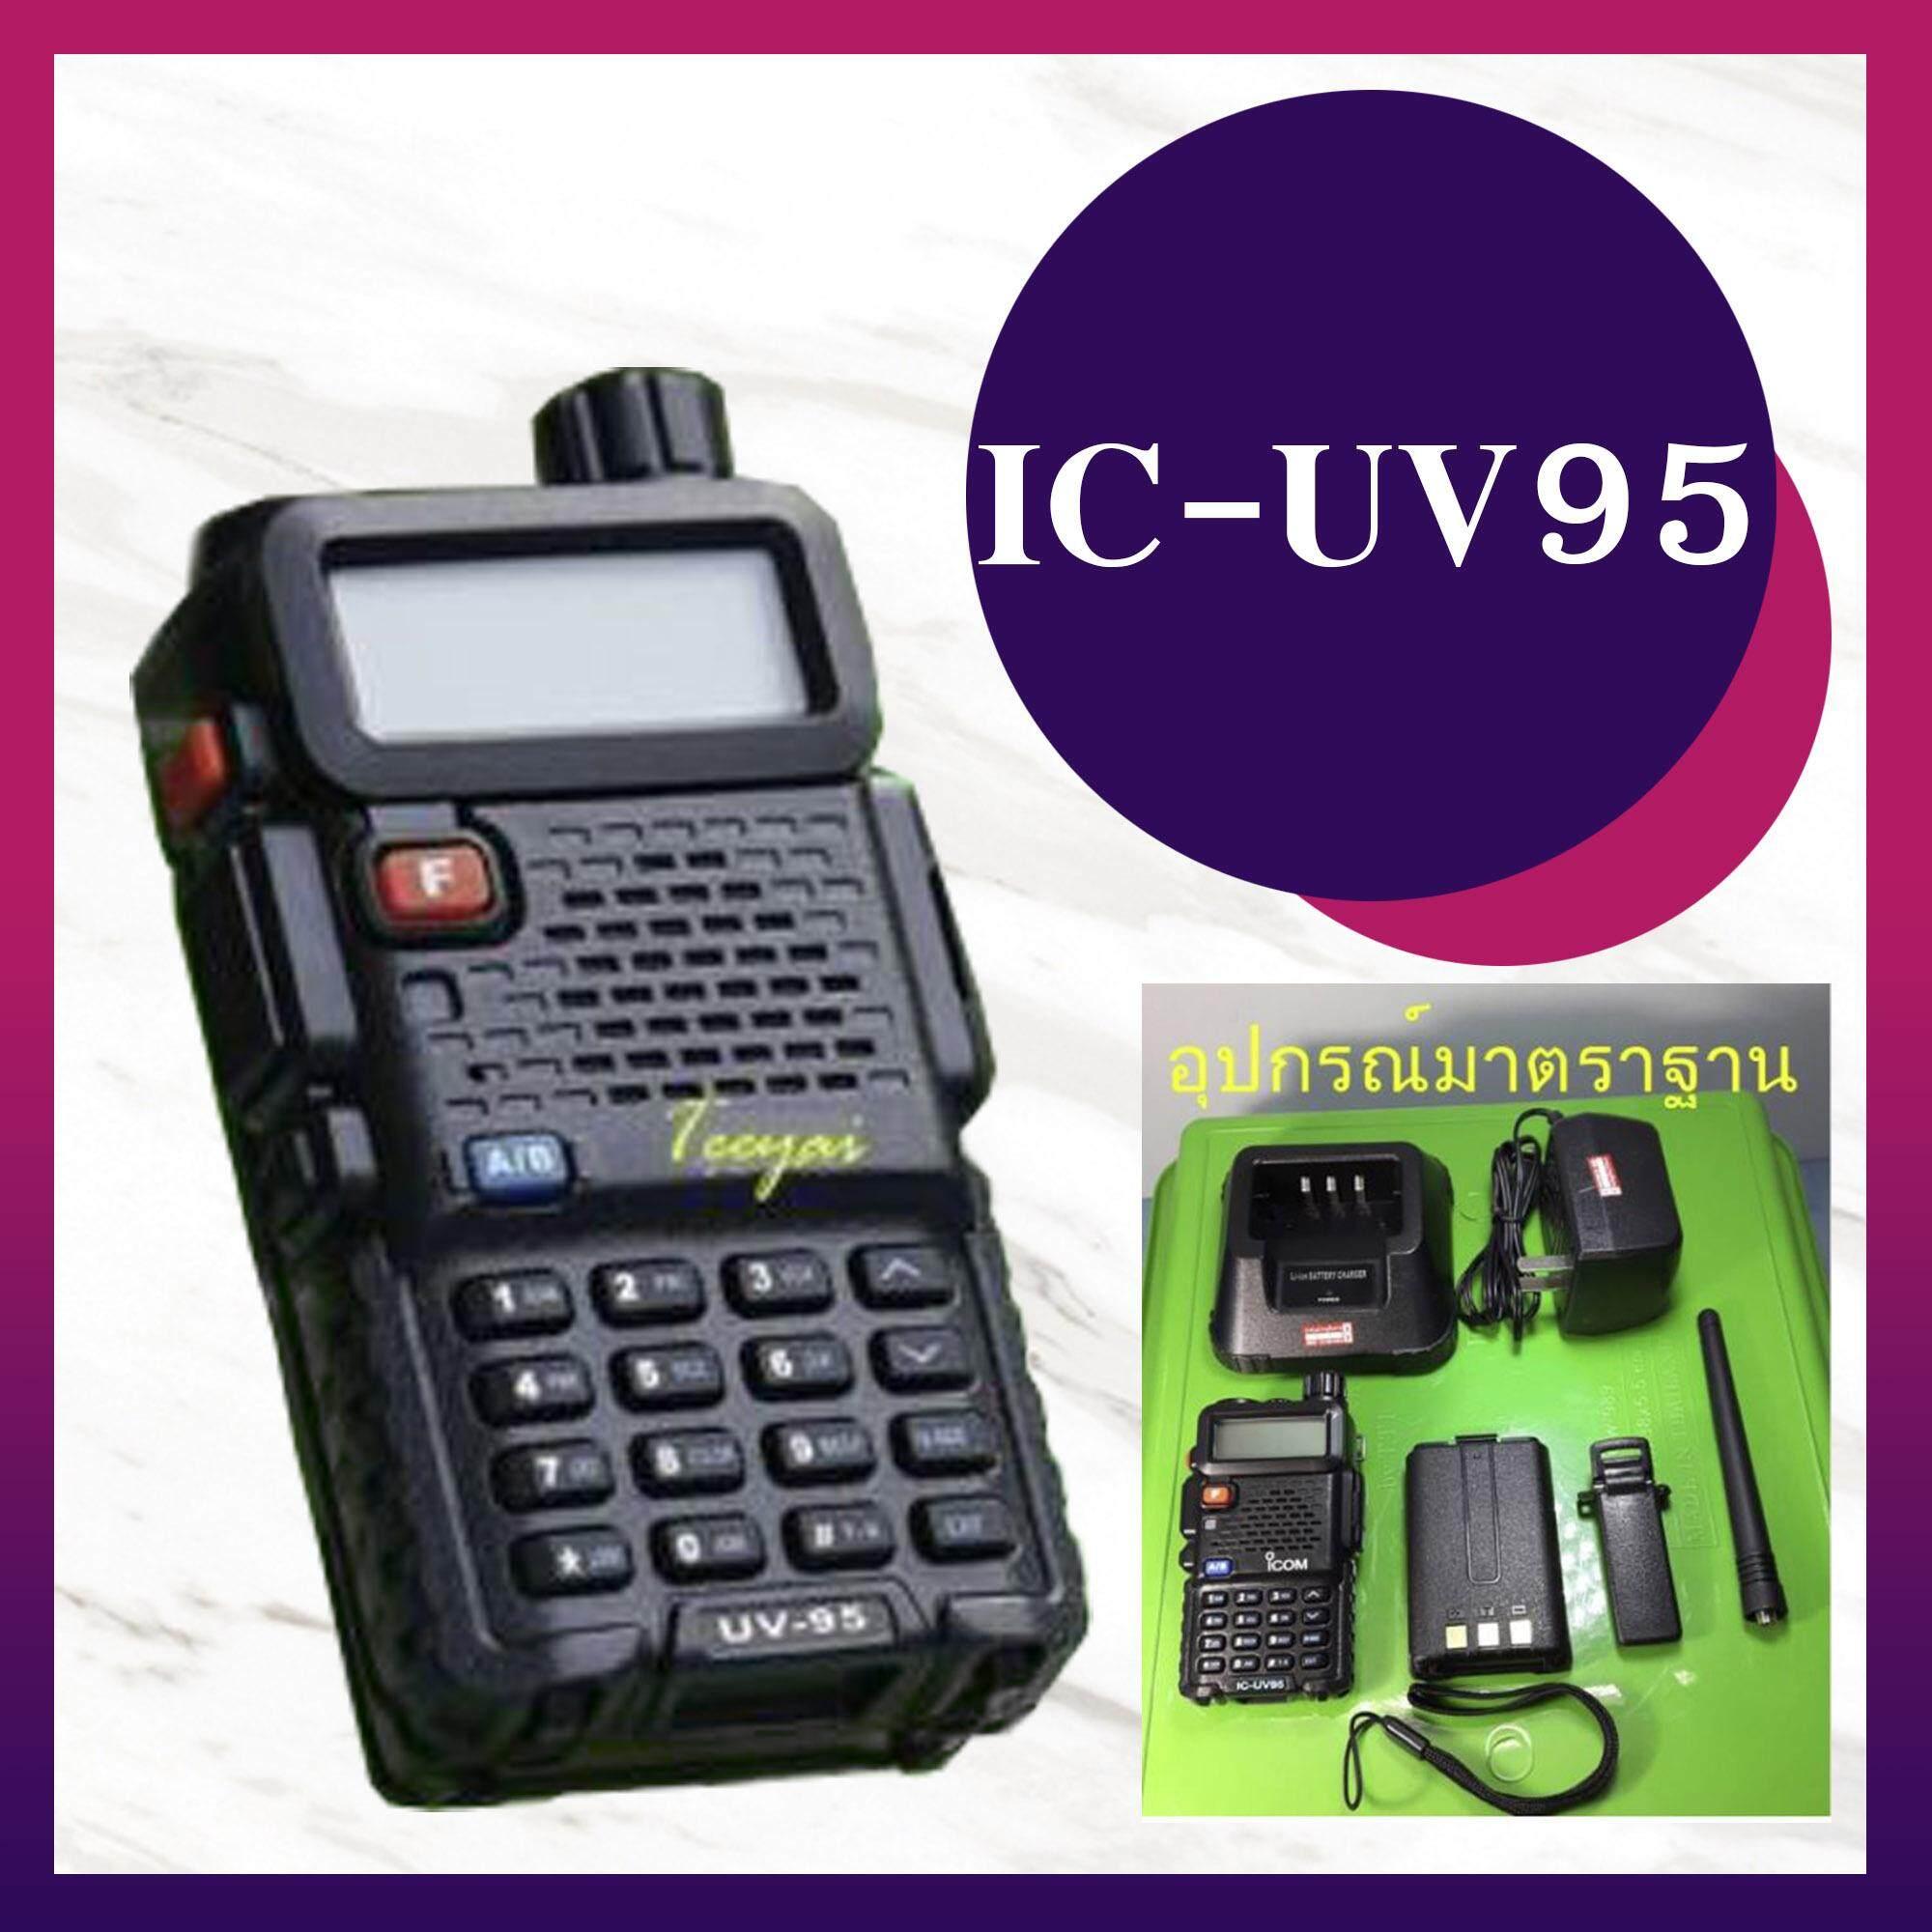 วิทยุสื่อสาร icom วิทยุสื่อสาร IC-UV95 (136-174/245 MHz) รุ่นยอดนิยม สีดำ พร้อมอุปกรณ์